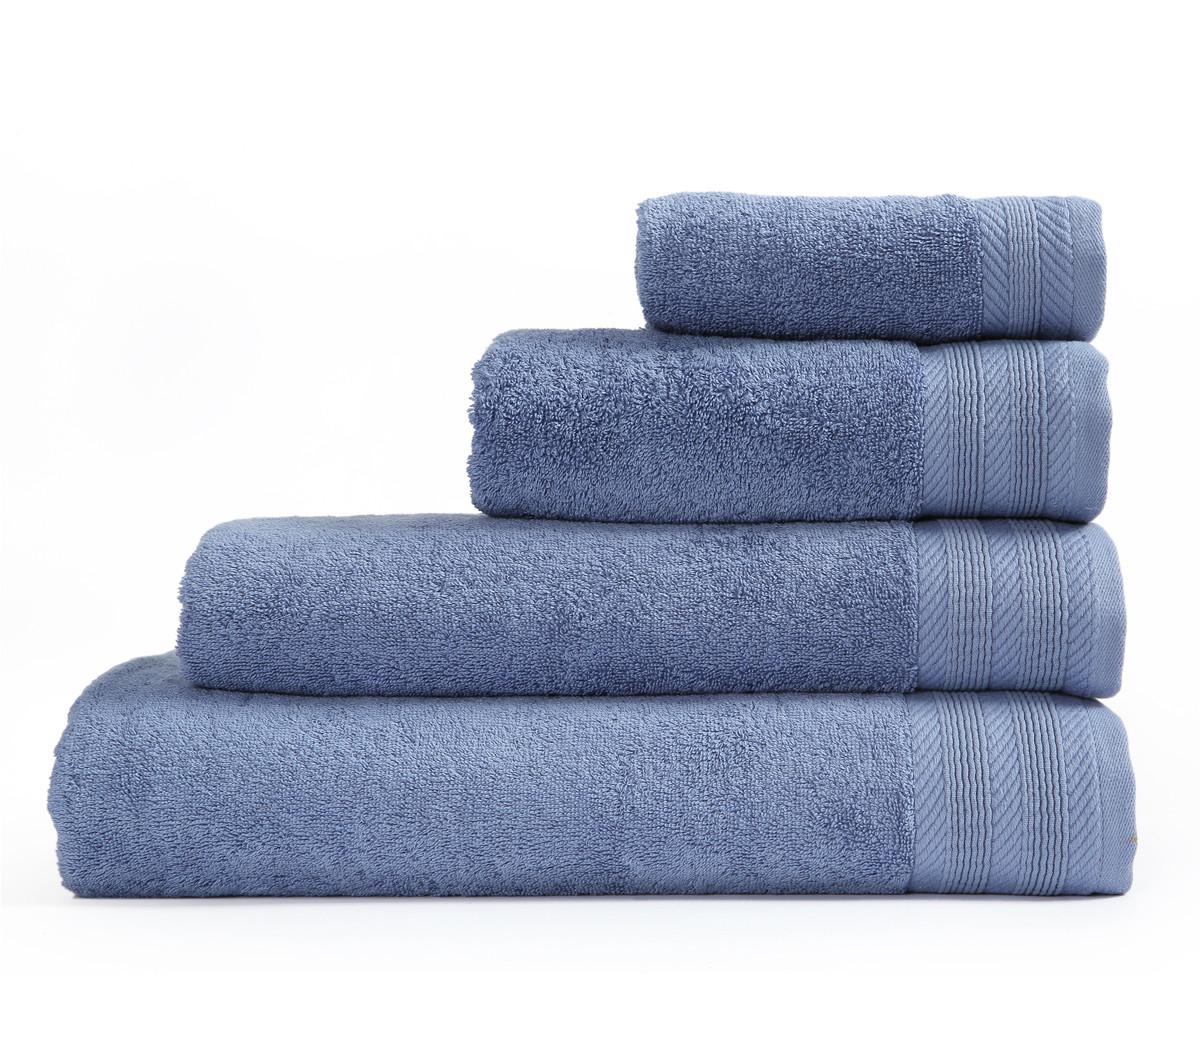 Πετσέτα Προσώπου (50x90) Nef-Nef Life home   μπάνιο   πετσέτες μπάνιου